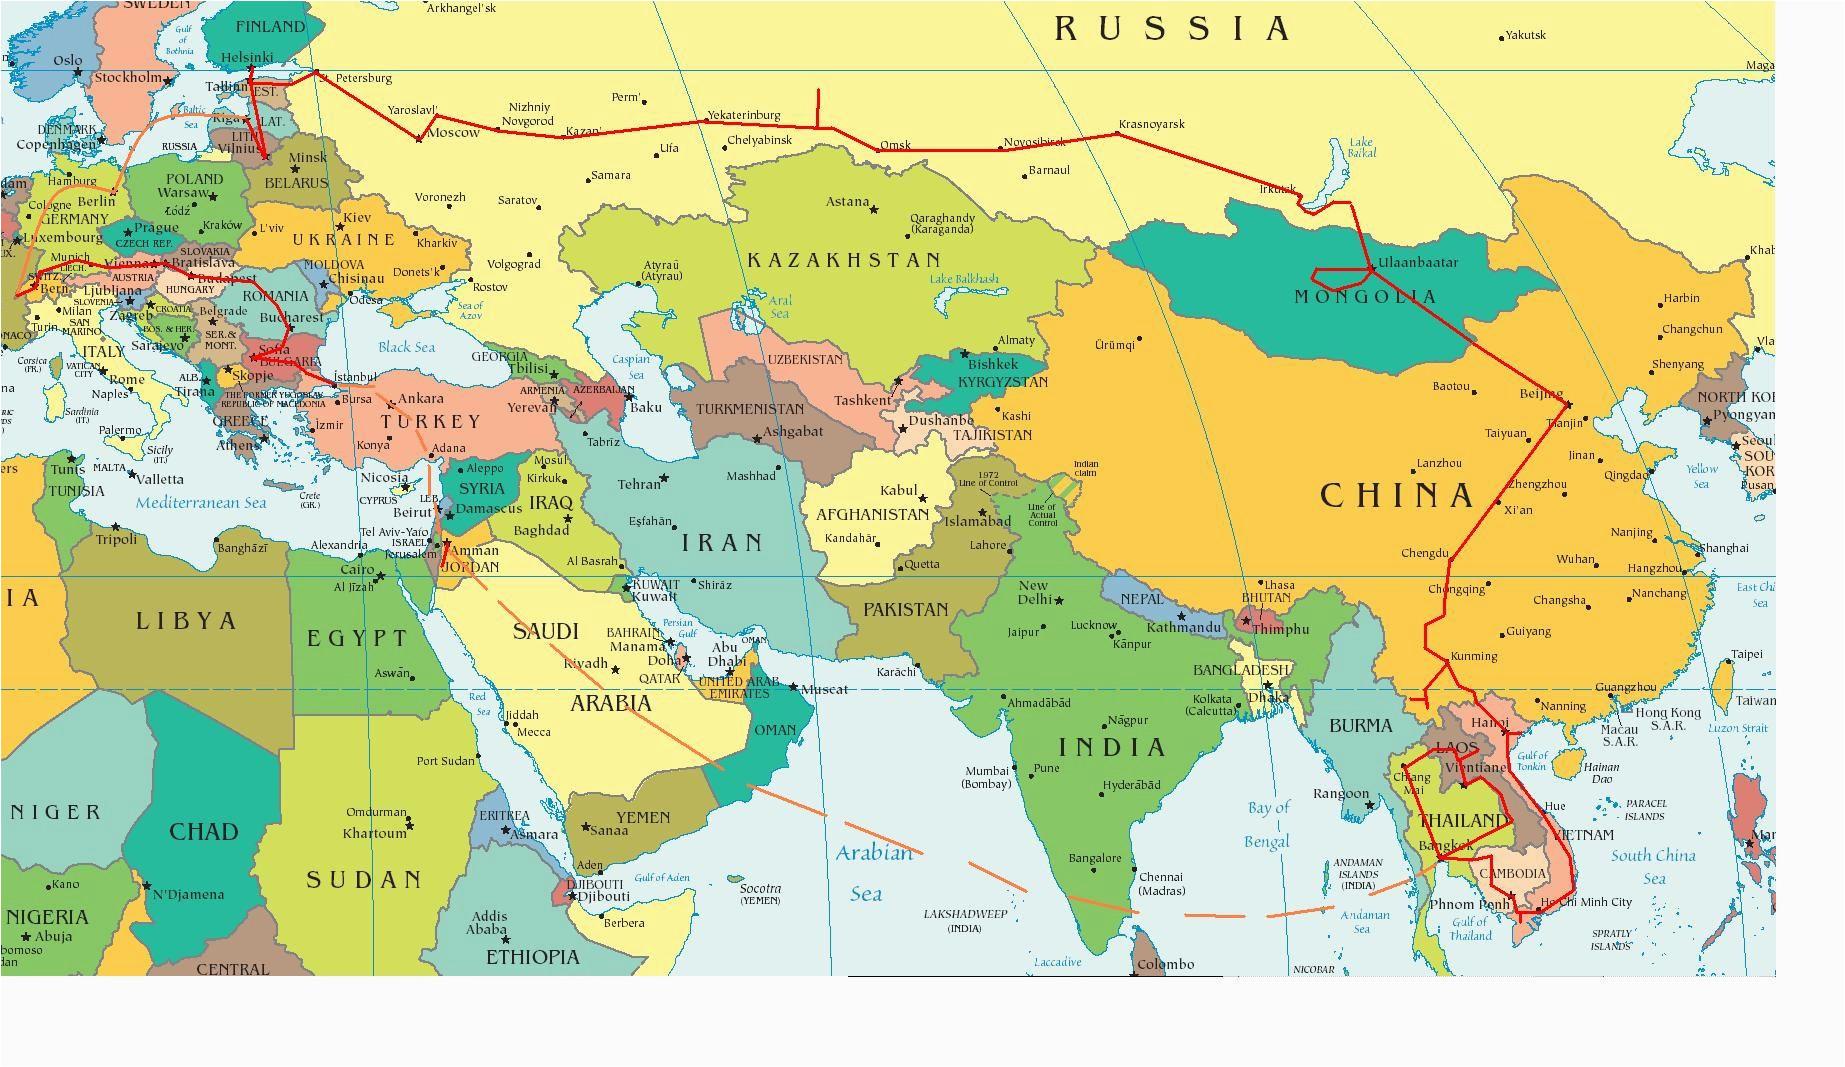 Printable Map Of Eastern Europe Eastern Europe and Middle East Partial Europe Middle East